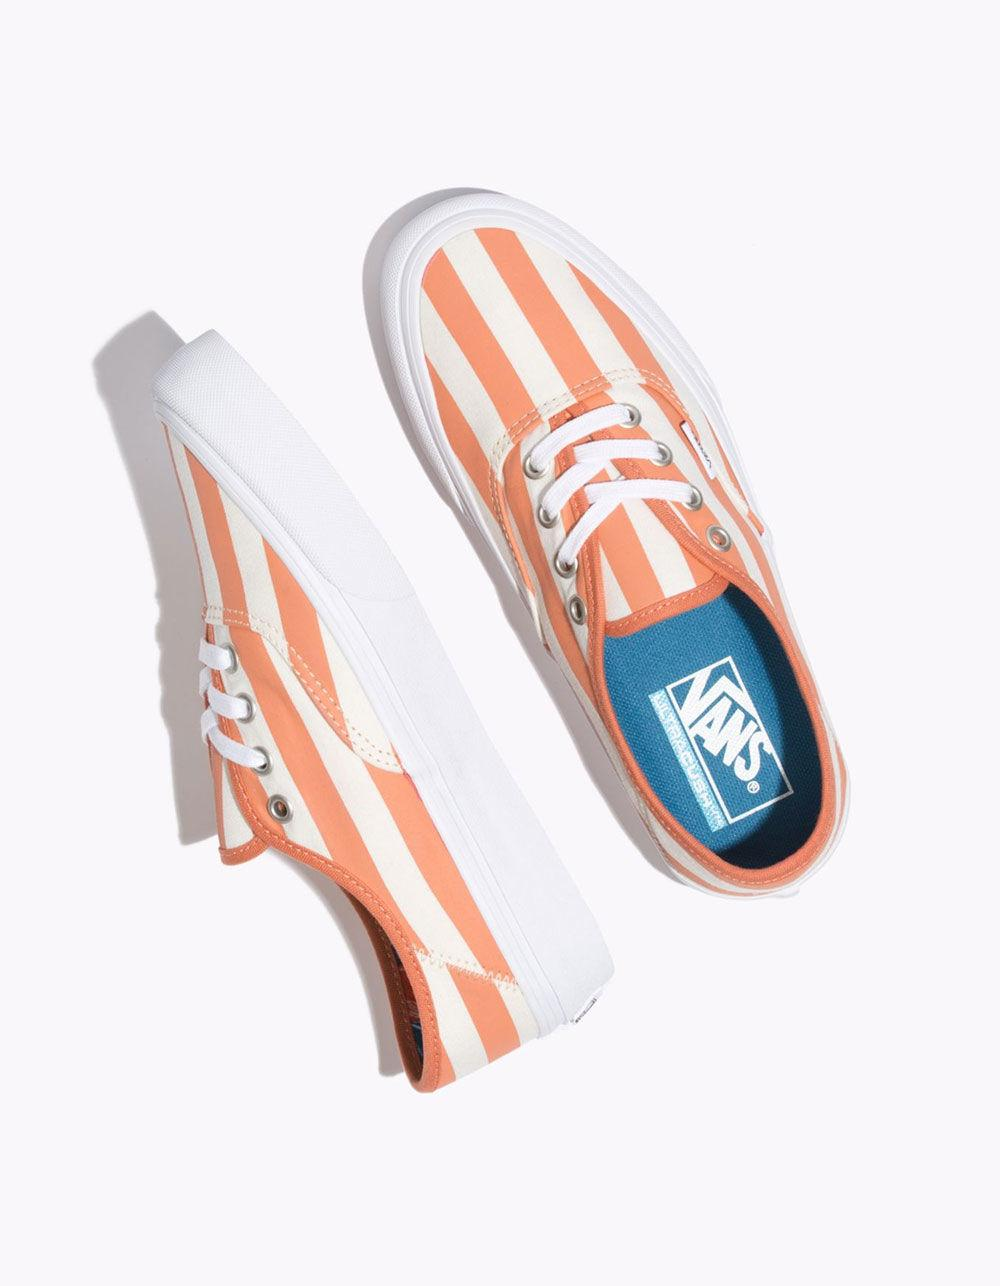 6e0a159a7af1 Vans - Multicolor Vintage Rio Authentic Sf Stripe Womens Shoes - Lyst. View  fullscreen